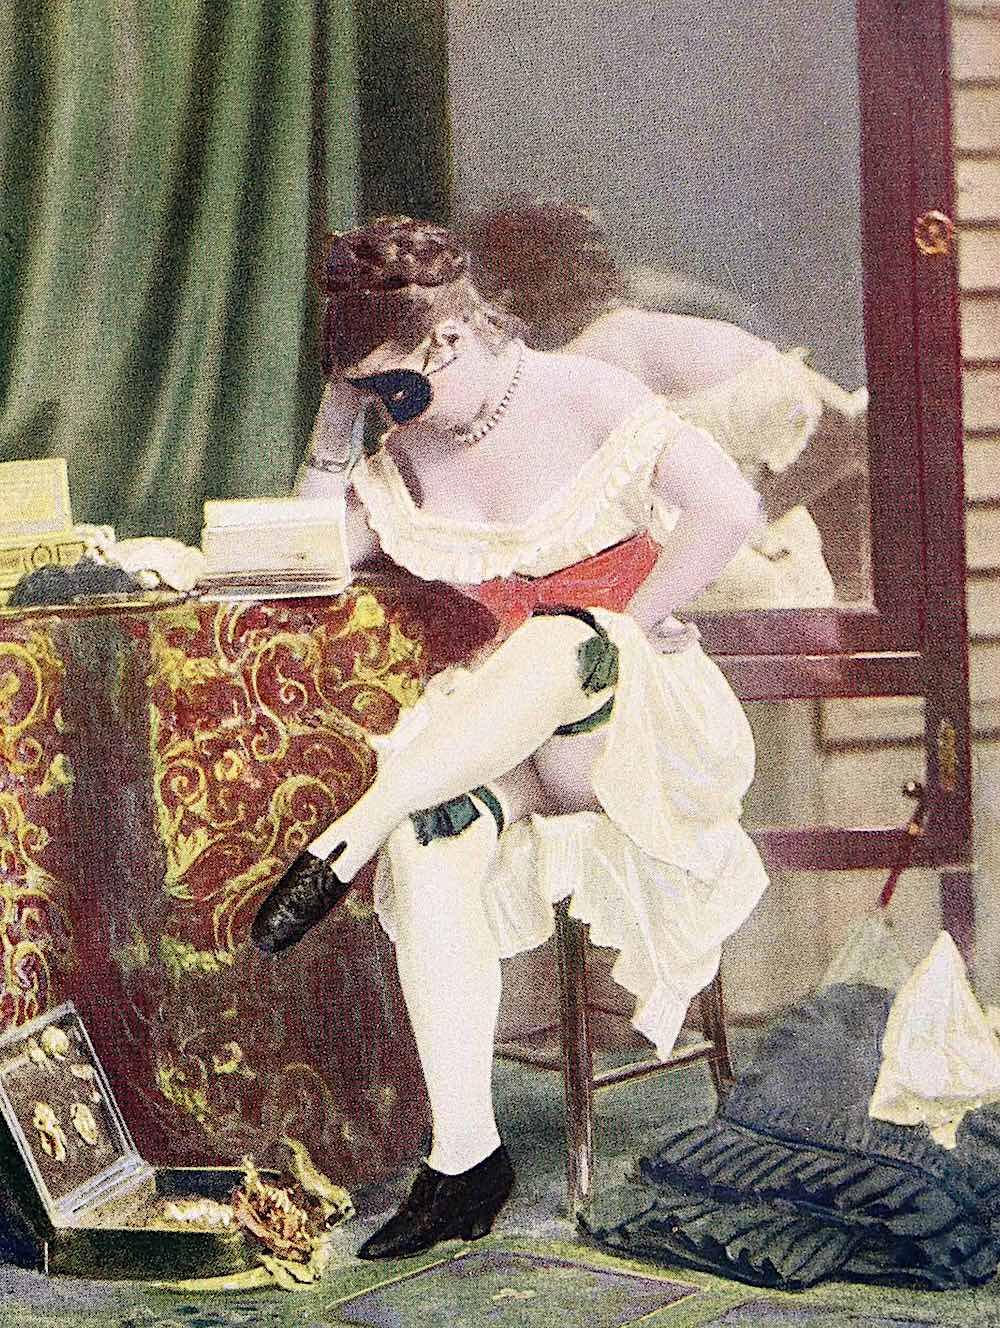 an 1860 erotic photograph